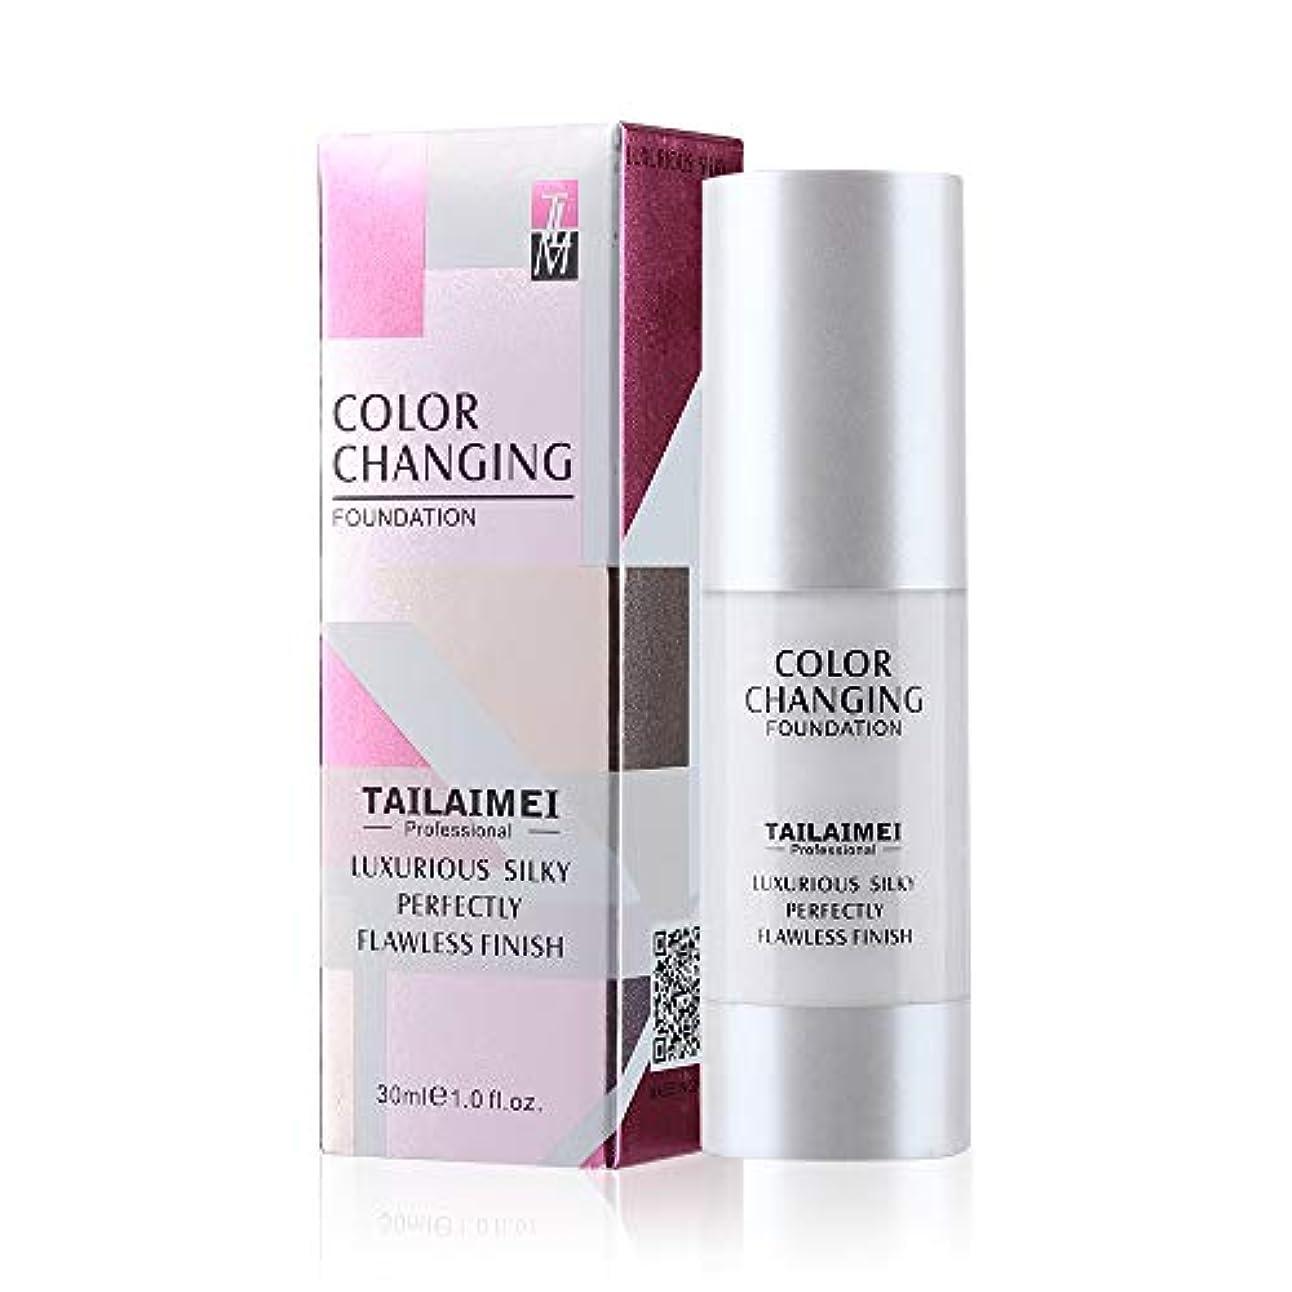 ブーム簡潔な目立つちょうど混合することによってあなたの肌のトーンにリキッドファンデーションの化粧変更を変更する30ml TLMの完璧な色